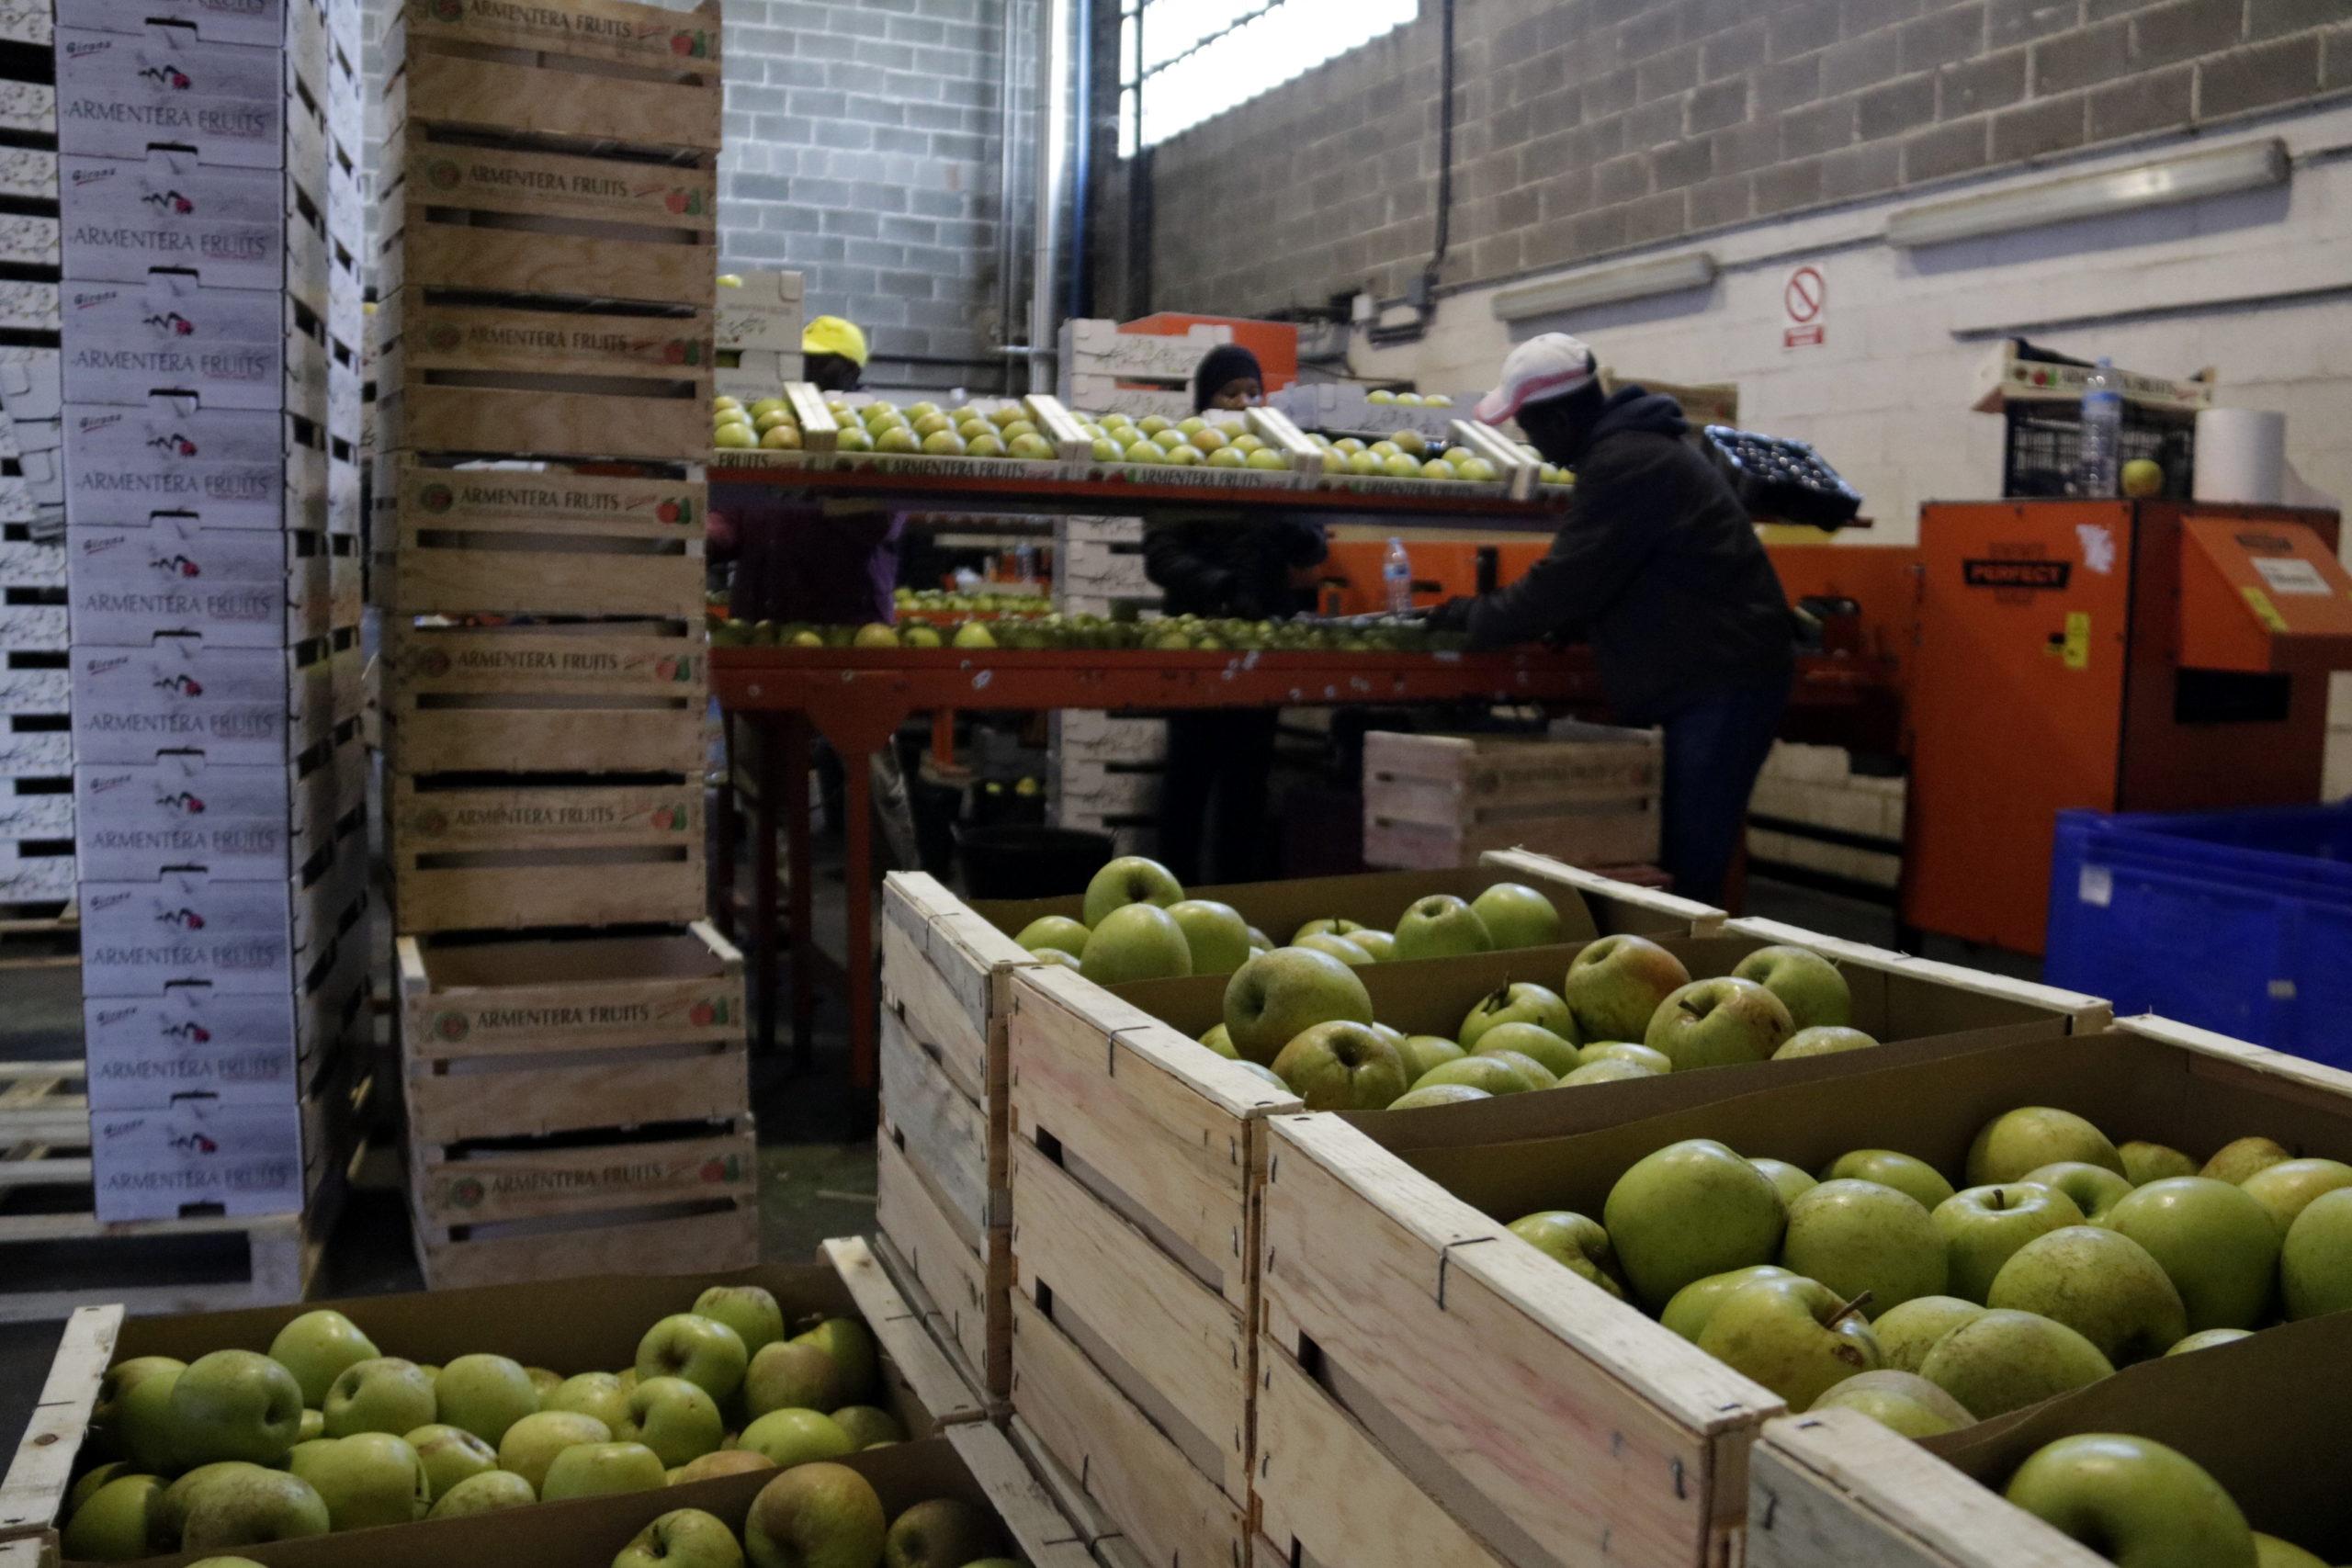 Treballadors preparant caixes de pomes per proveir el mercat   ACN